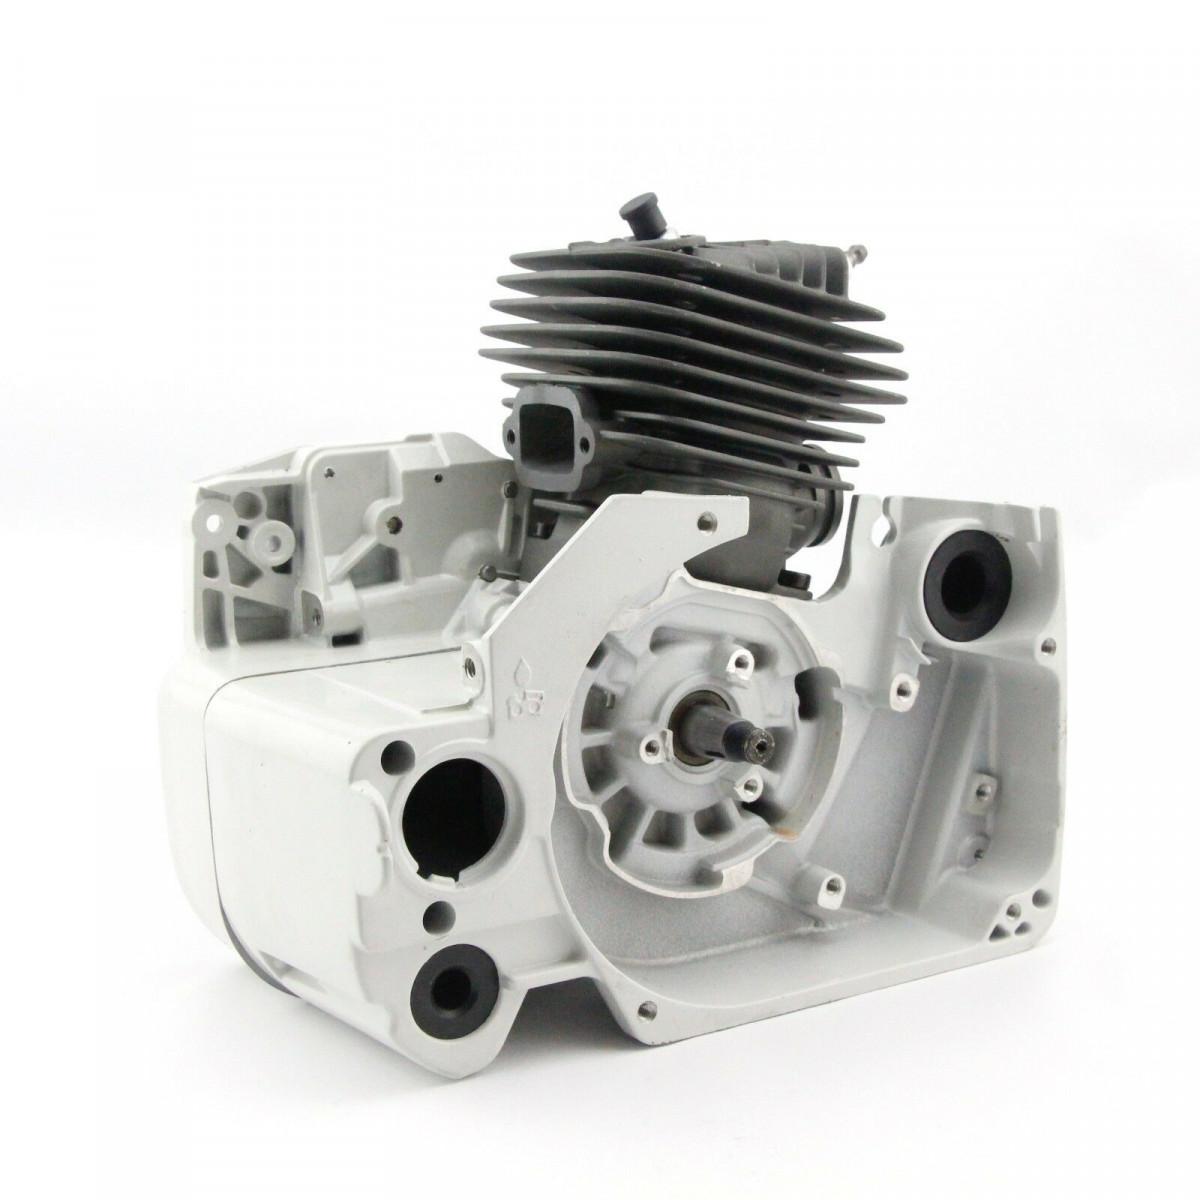 Motor Stihl MS660, 066 + kliková skříň AKCE sleva 2500 Kč